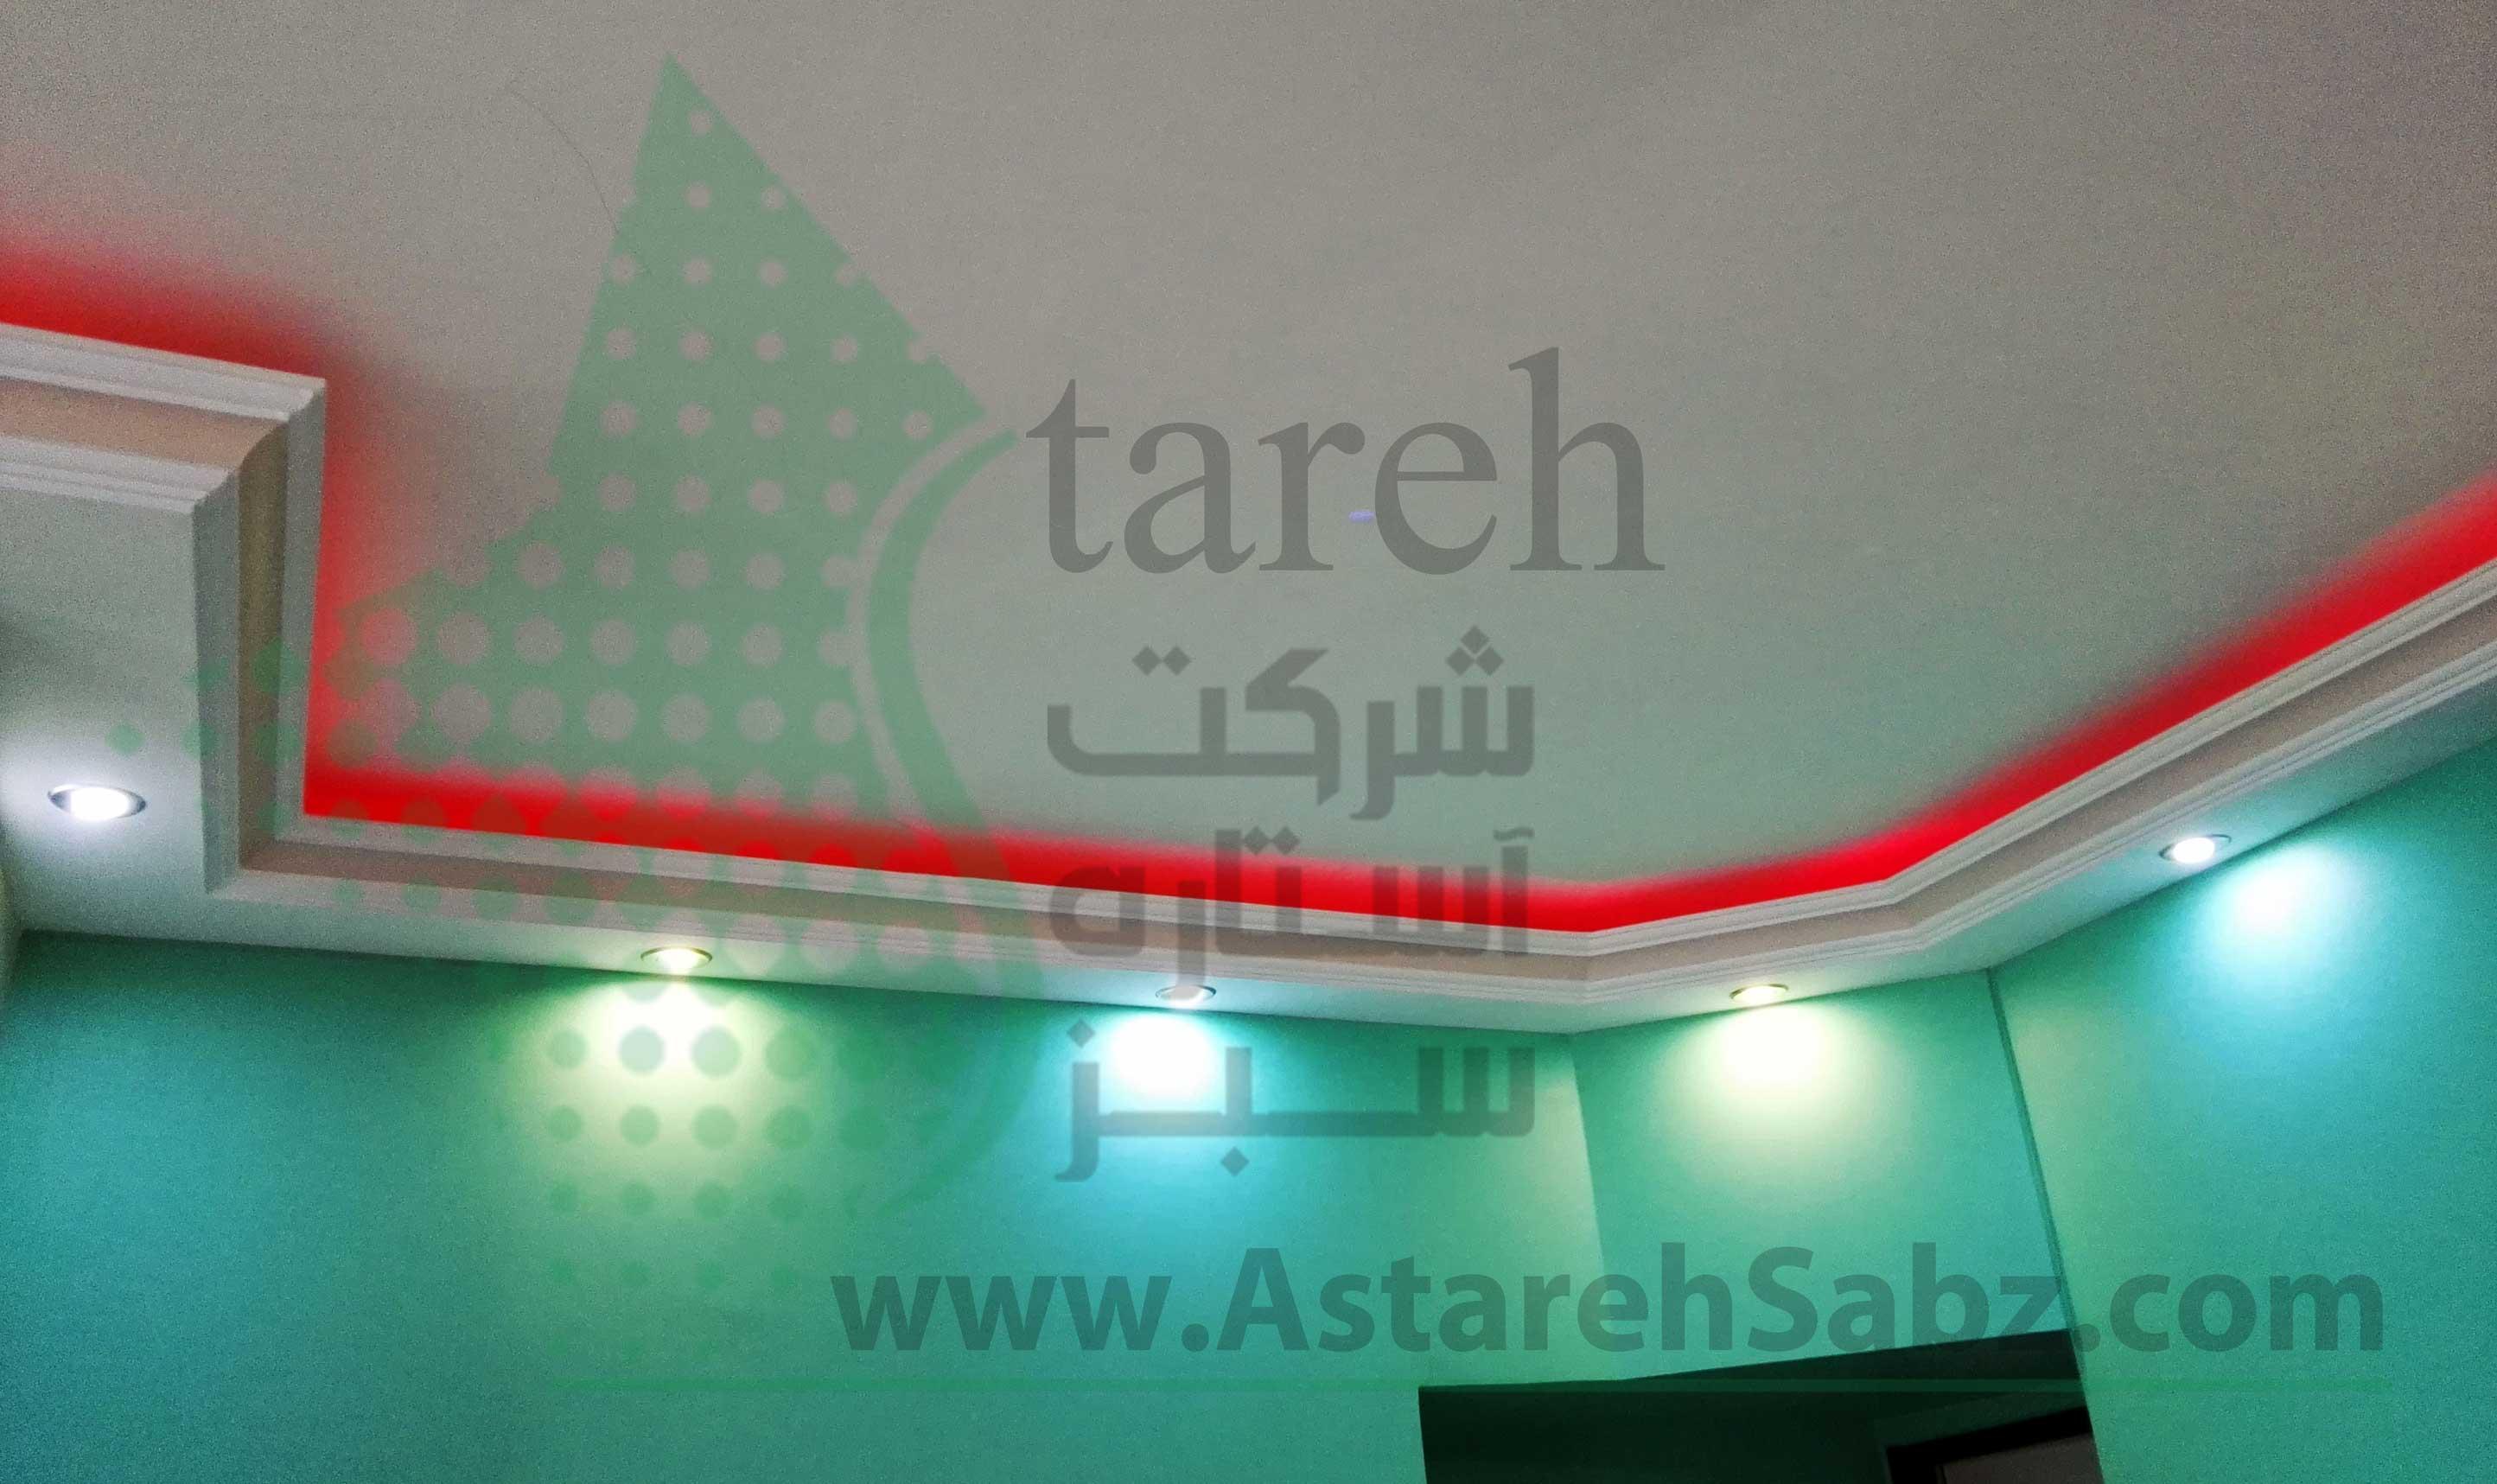 (Astareh Sabz (225